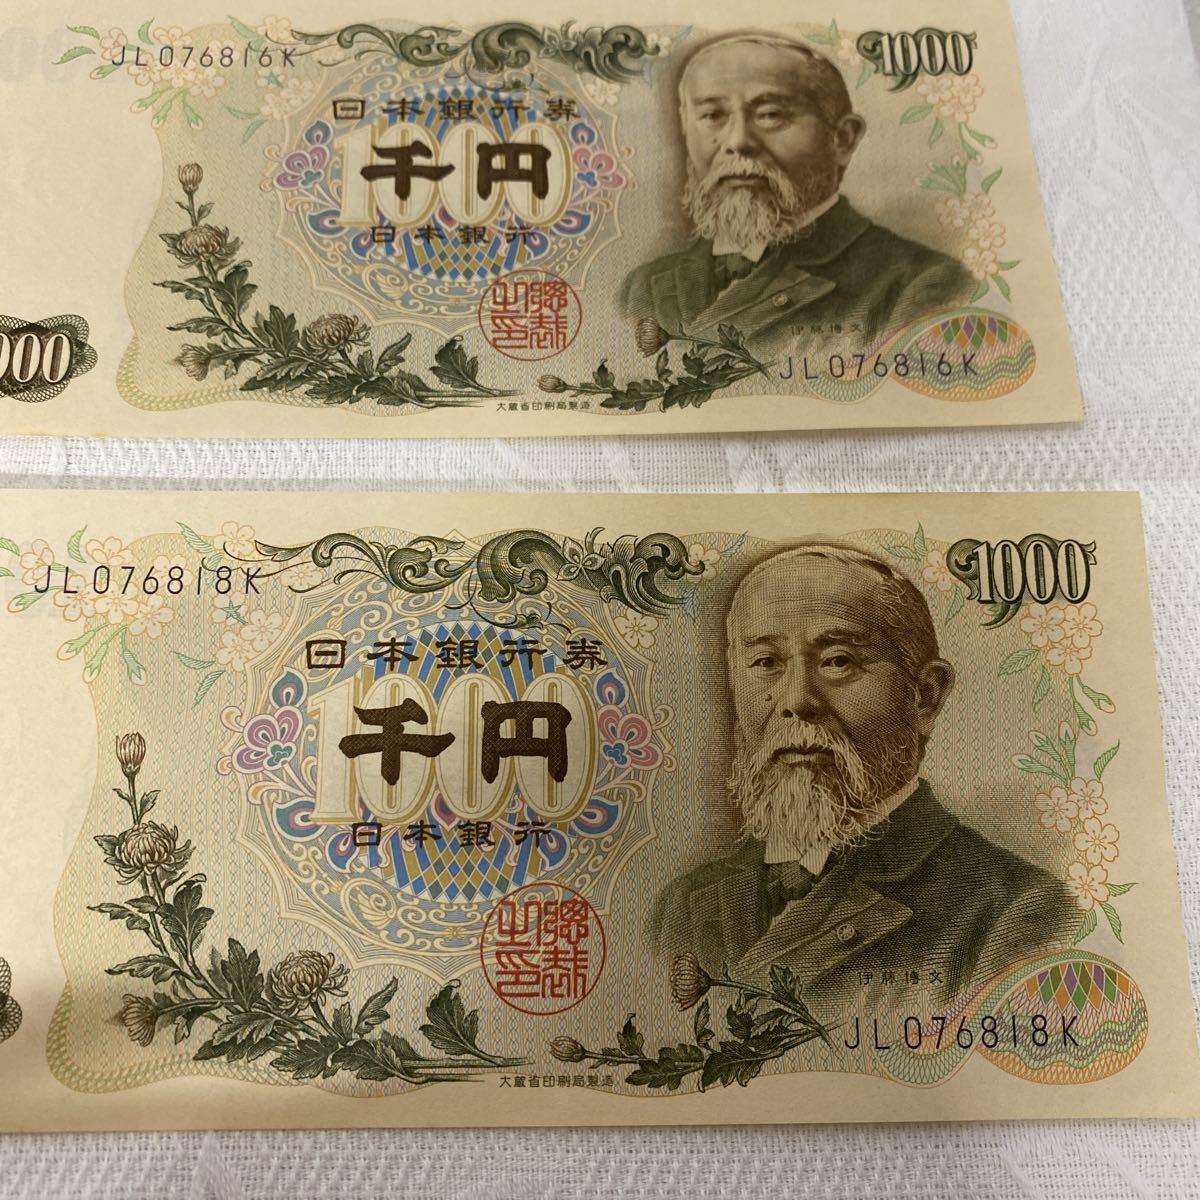 旧紙幣 千円札 伊藤博文 連番 ピン札_画像5